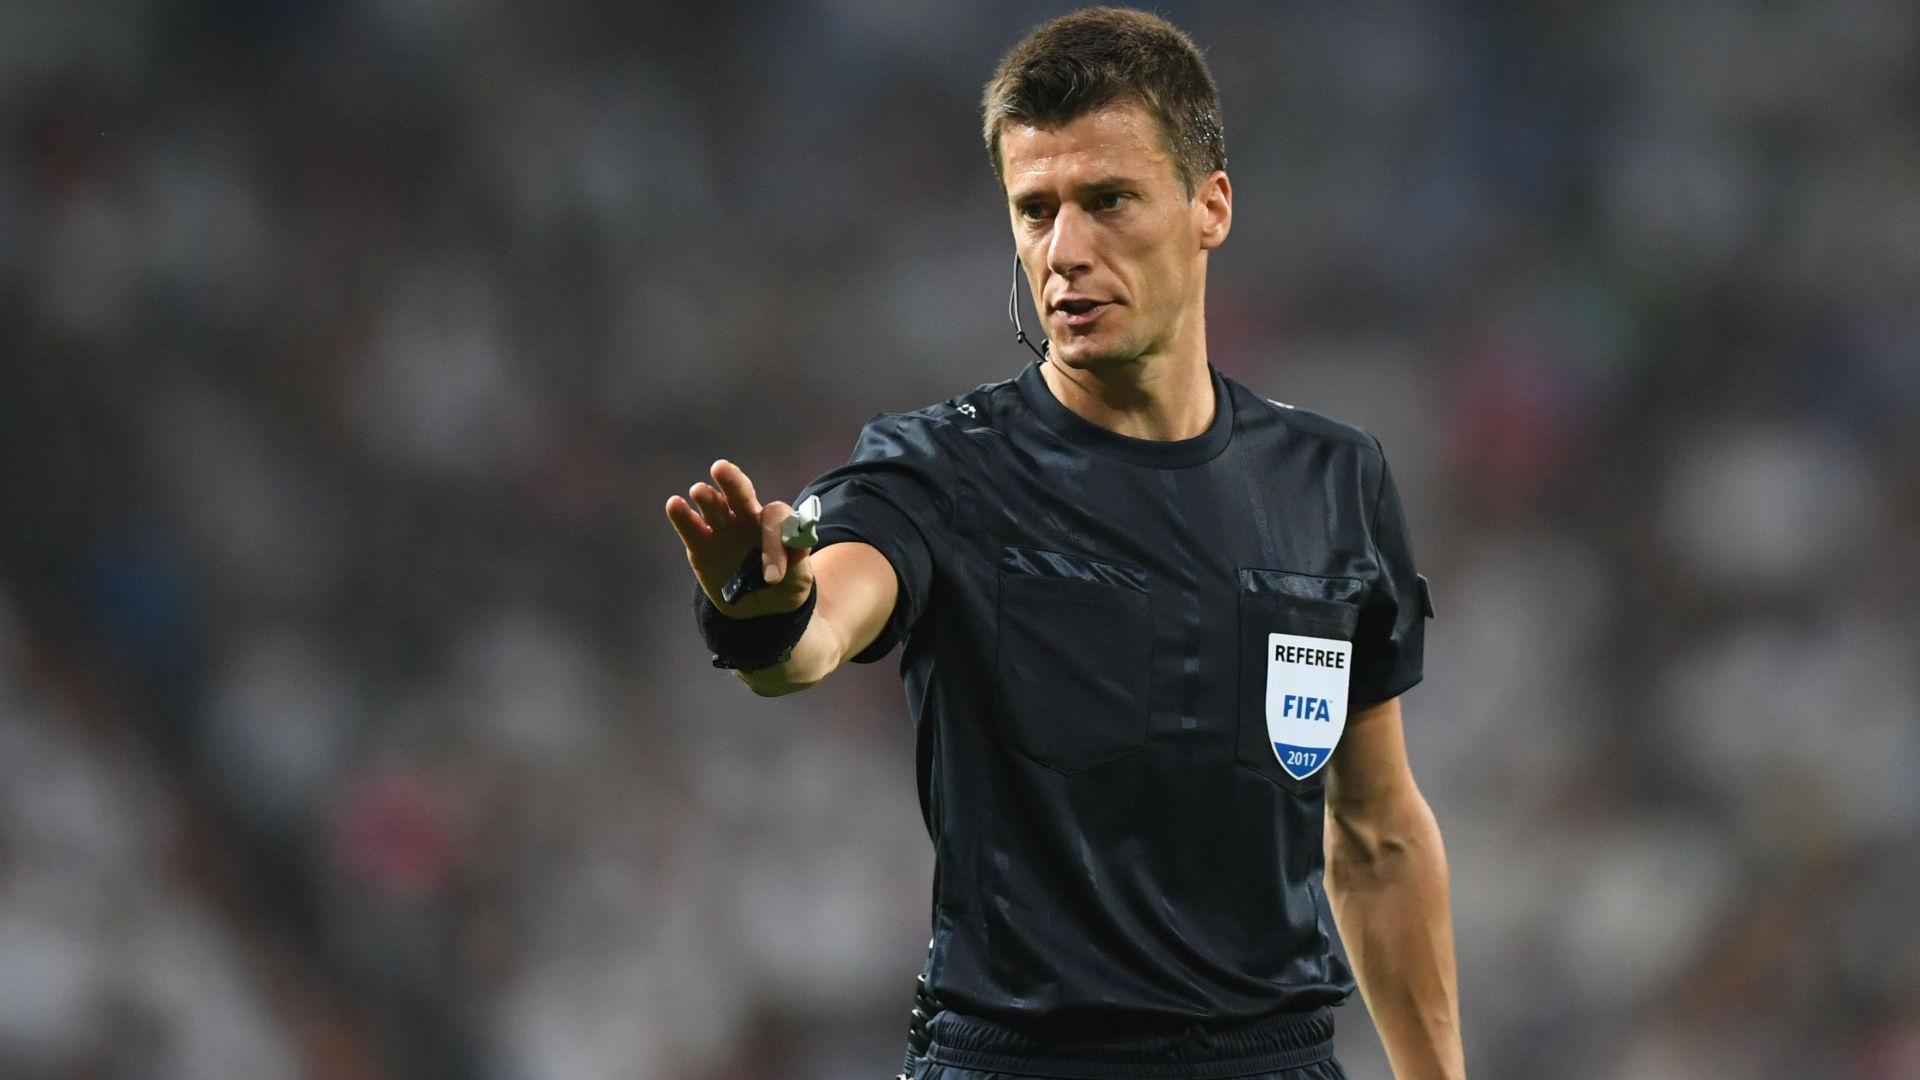 Le choix de l'arbitre va faire tousser Marseille — PSG-OM